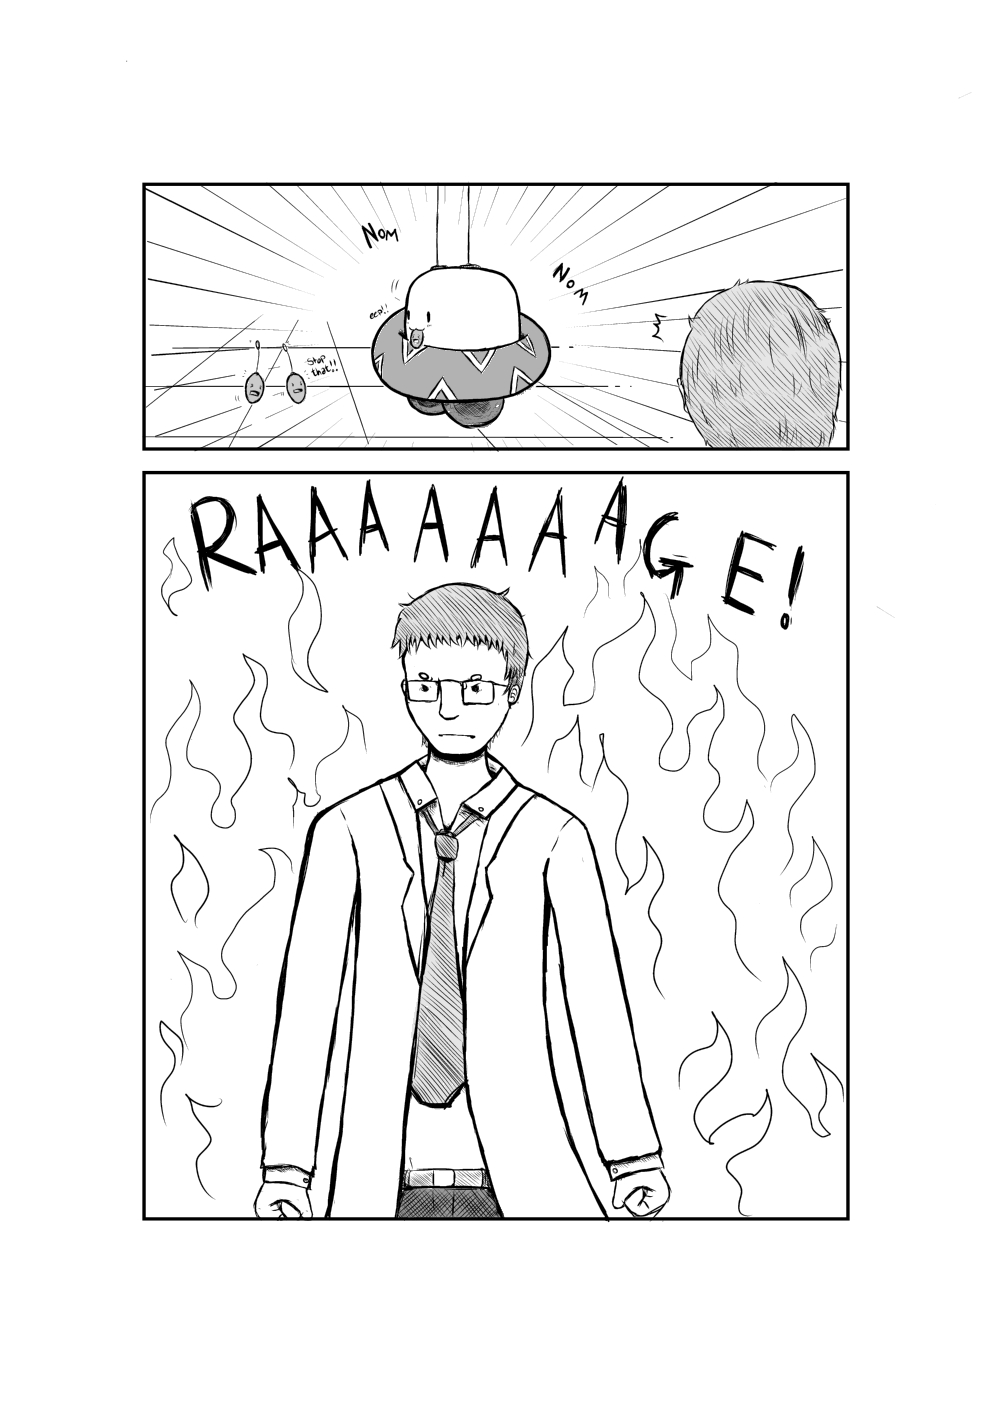 RAAAAAGE!